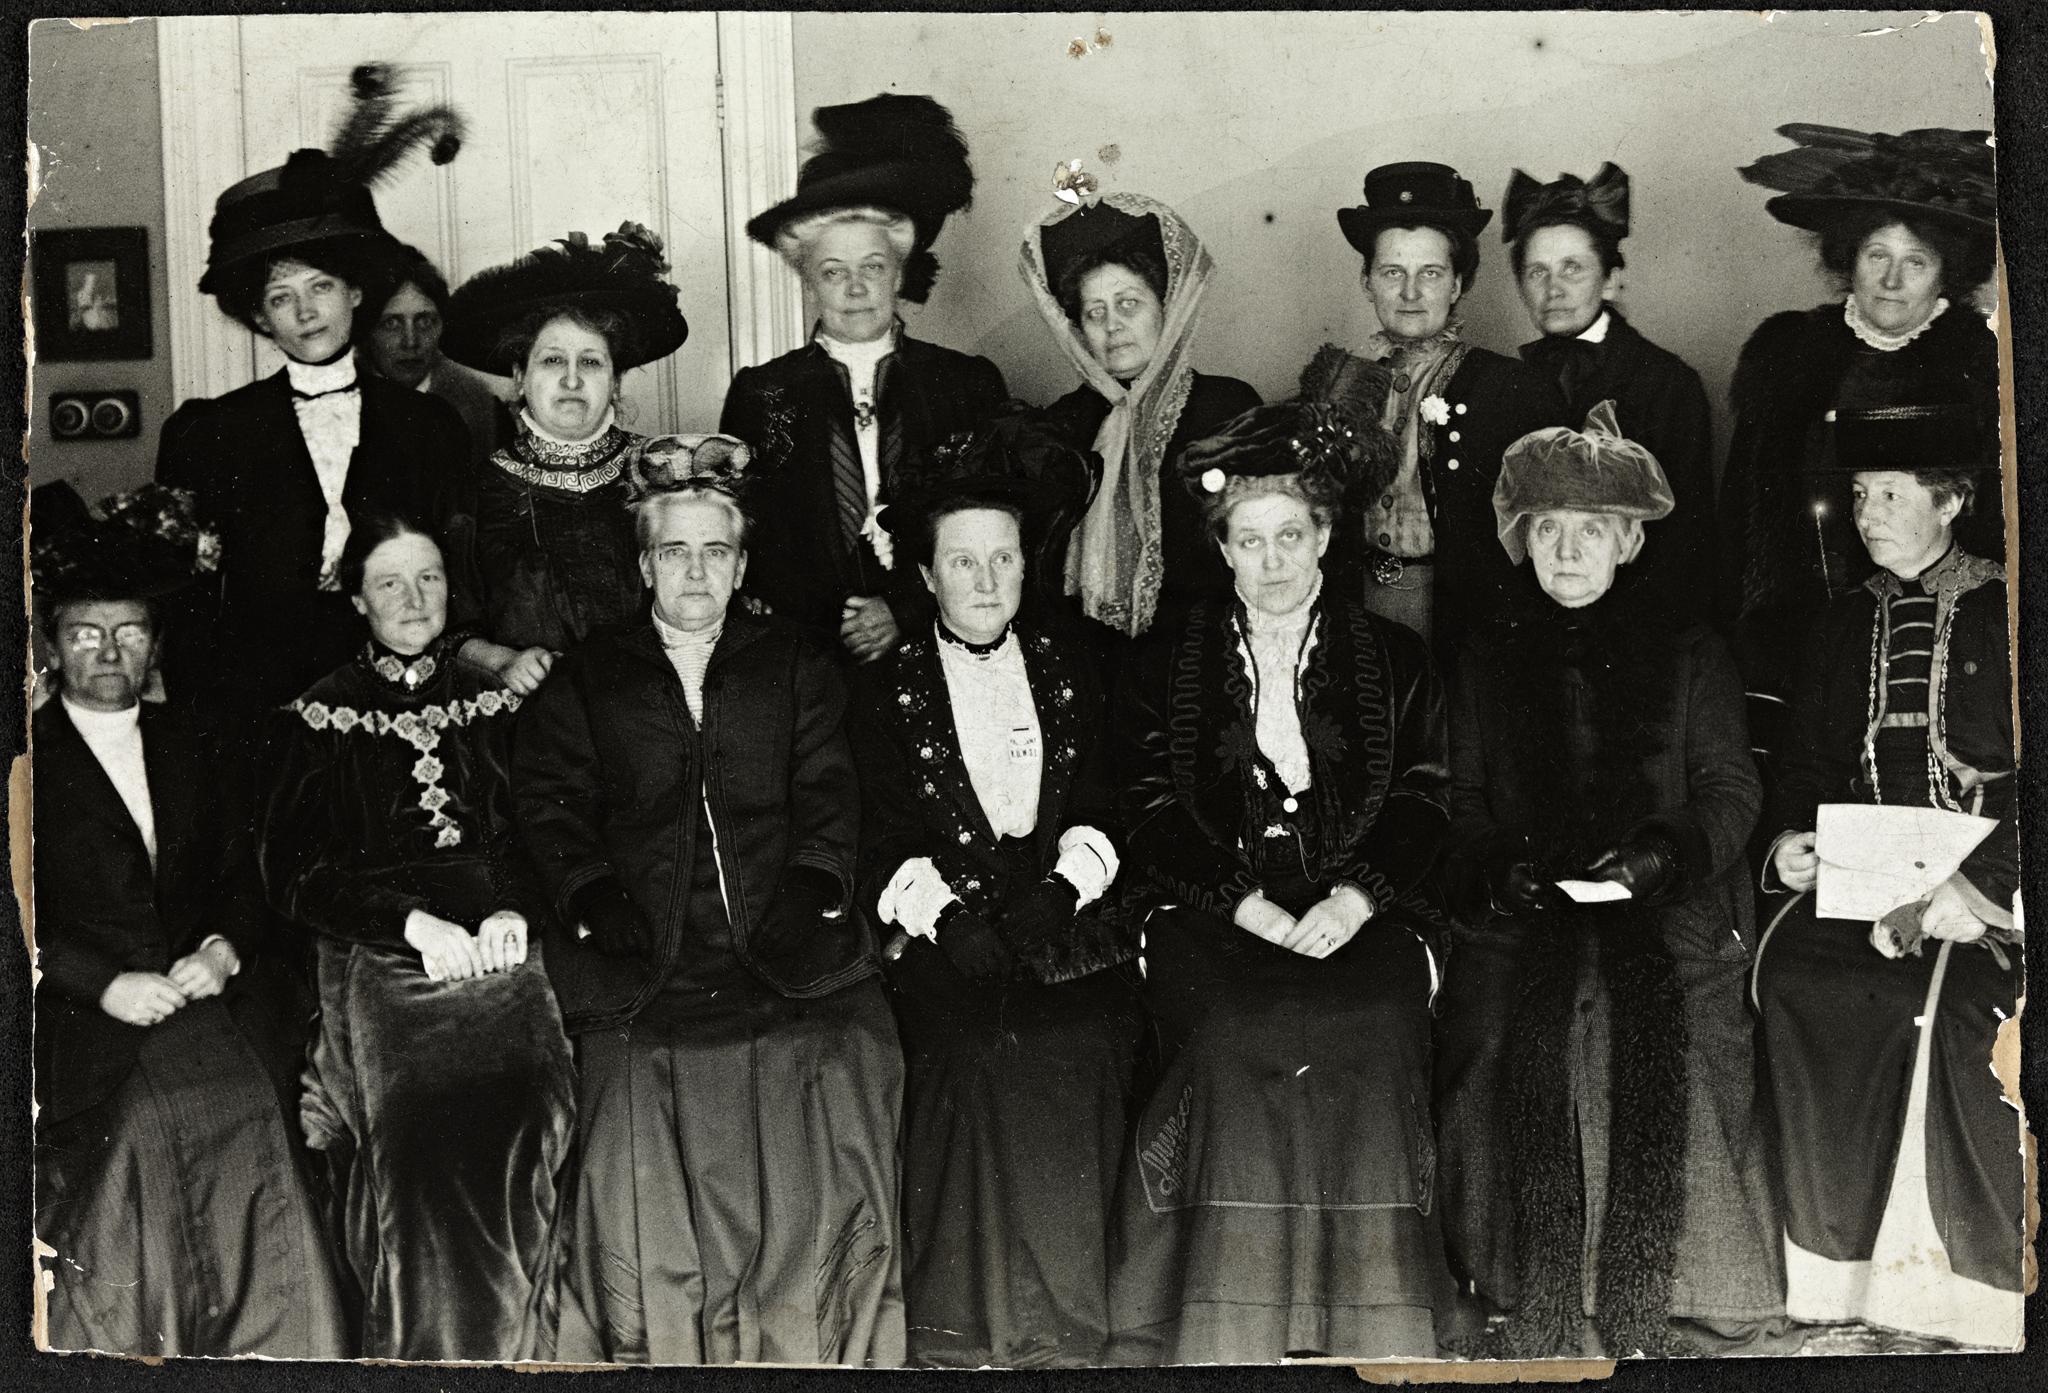 Suffrage Alliance Congress, London, 1909